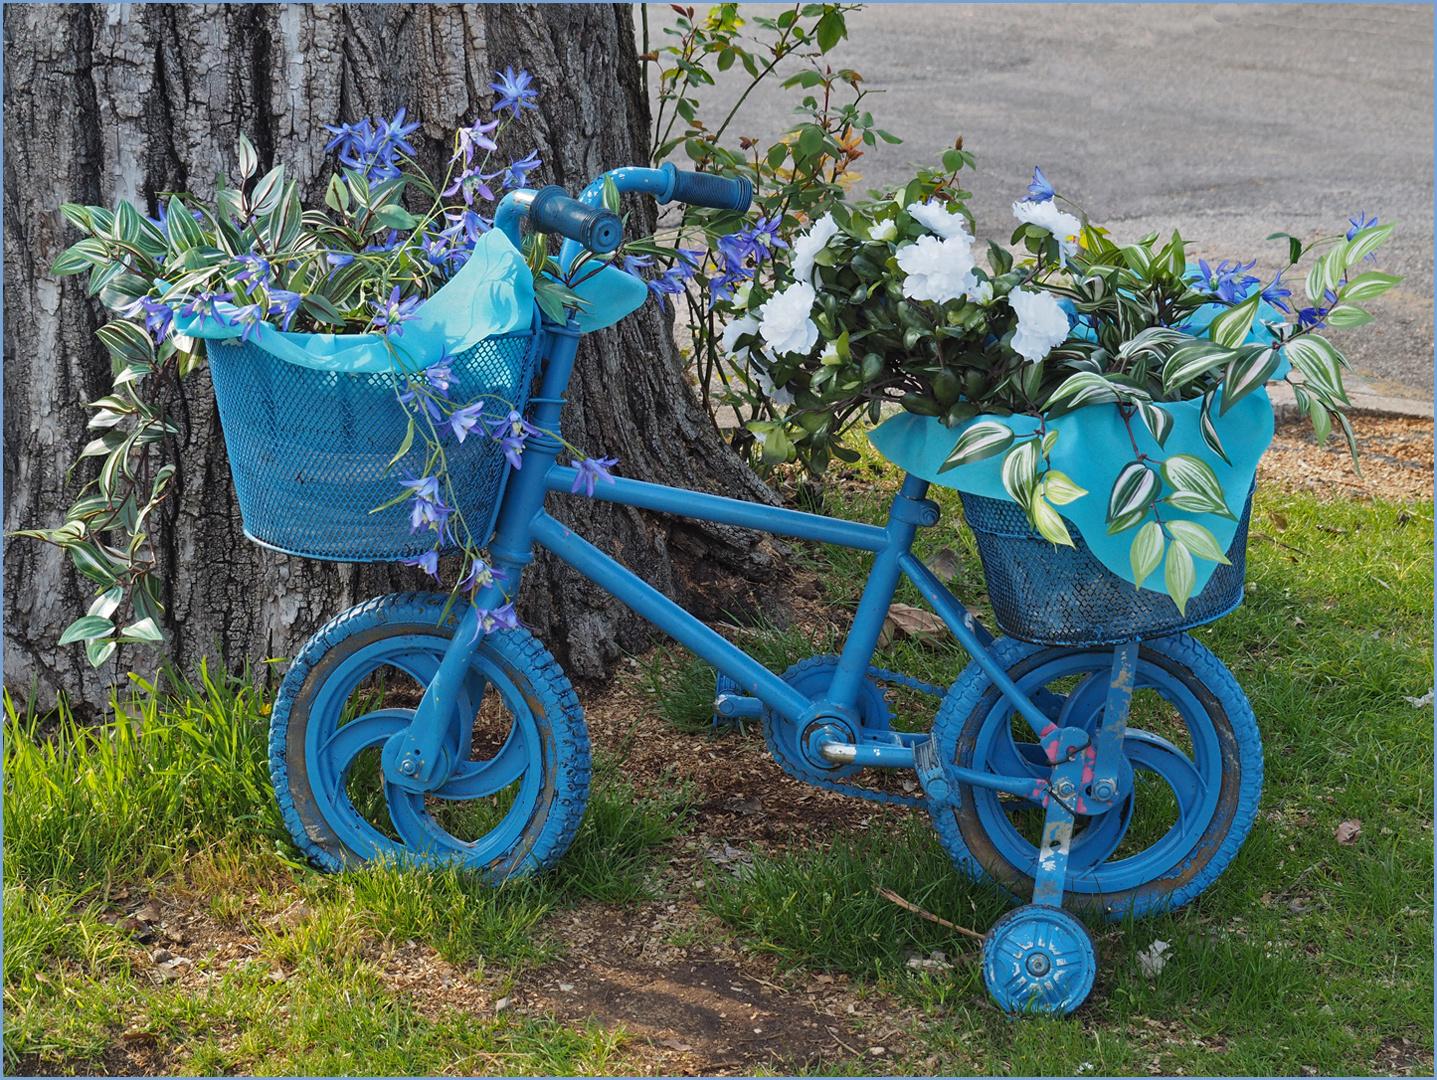 La bicyclette bleue, version pour enfants